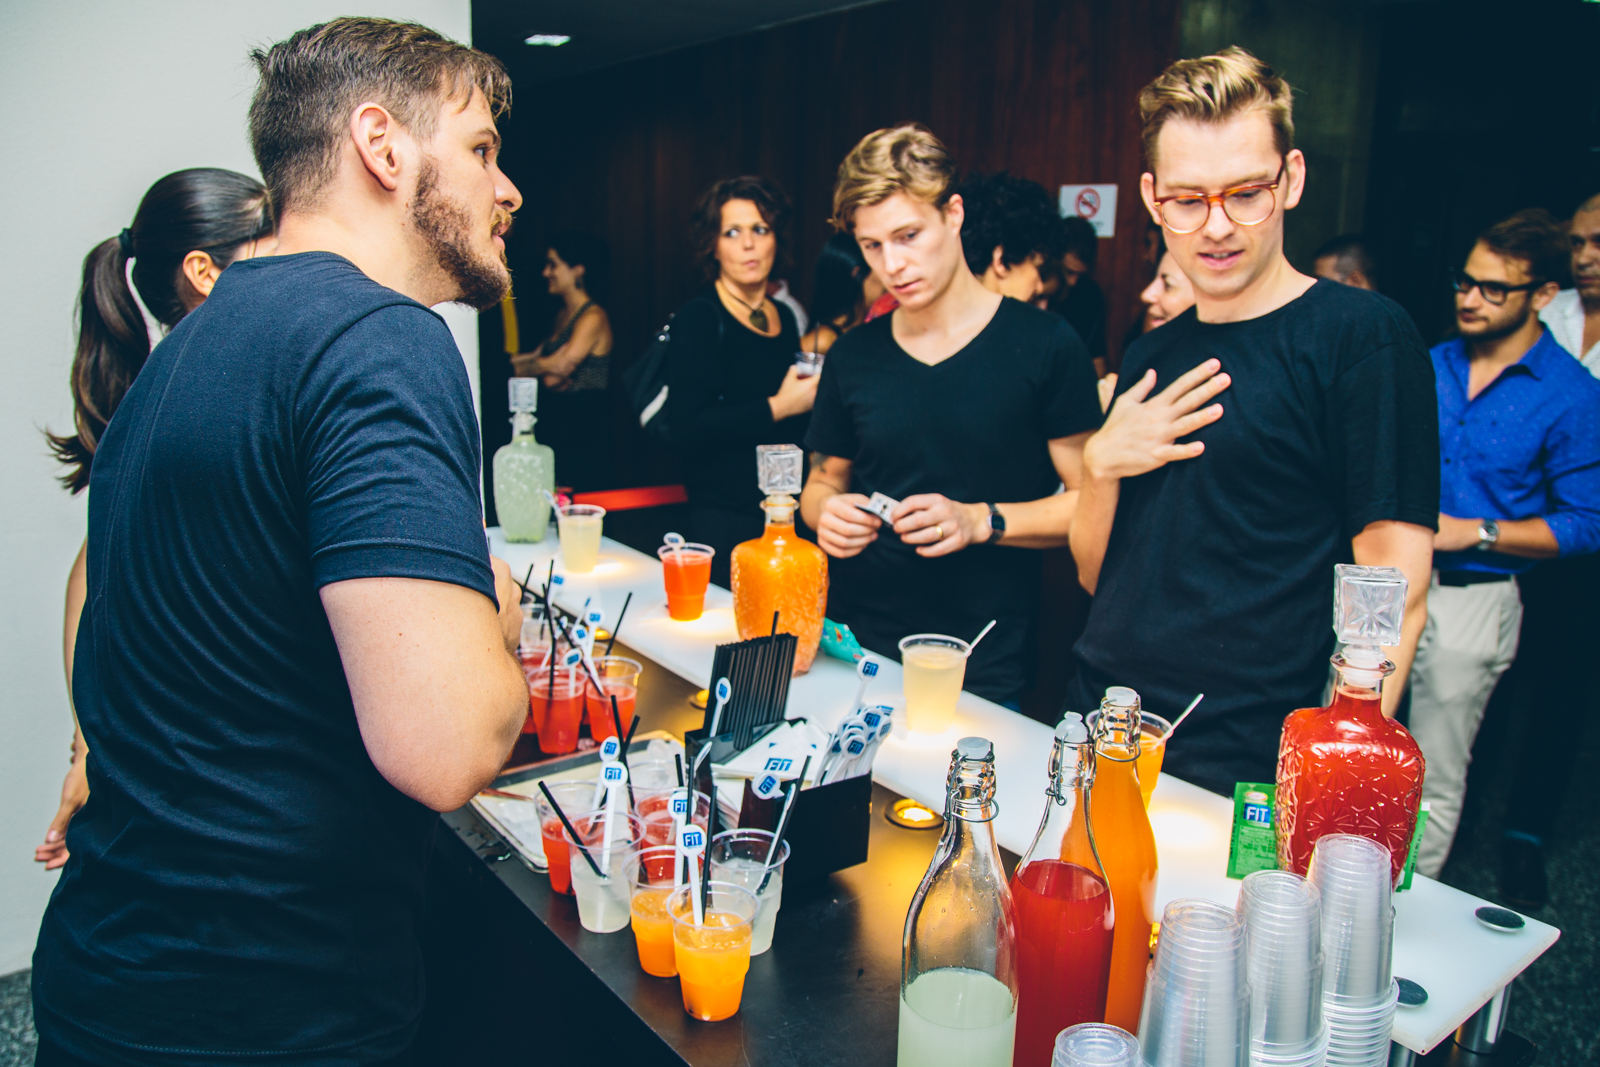 Parceiro da Trip, o bar da FIT apresentou seus sabores inspirados em bebidas famosas